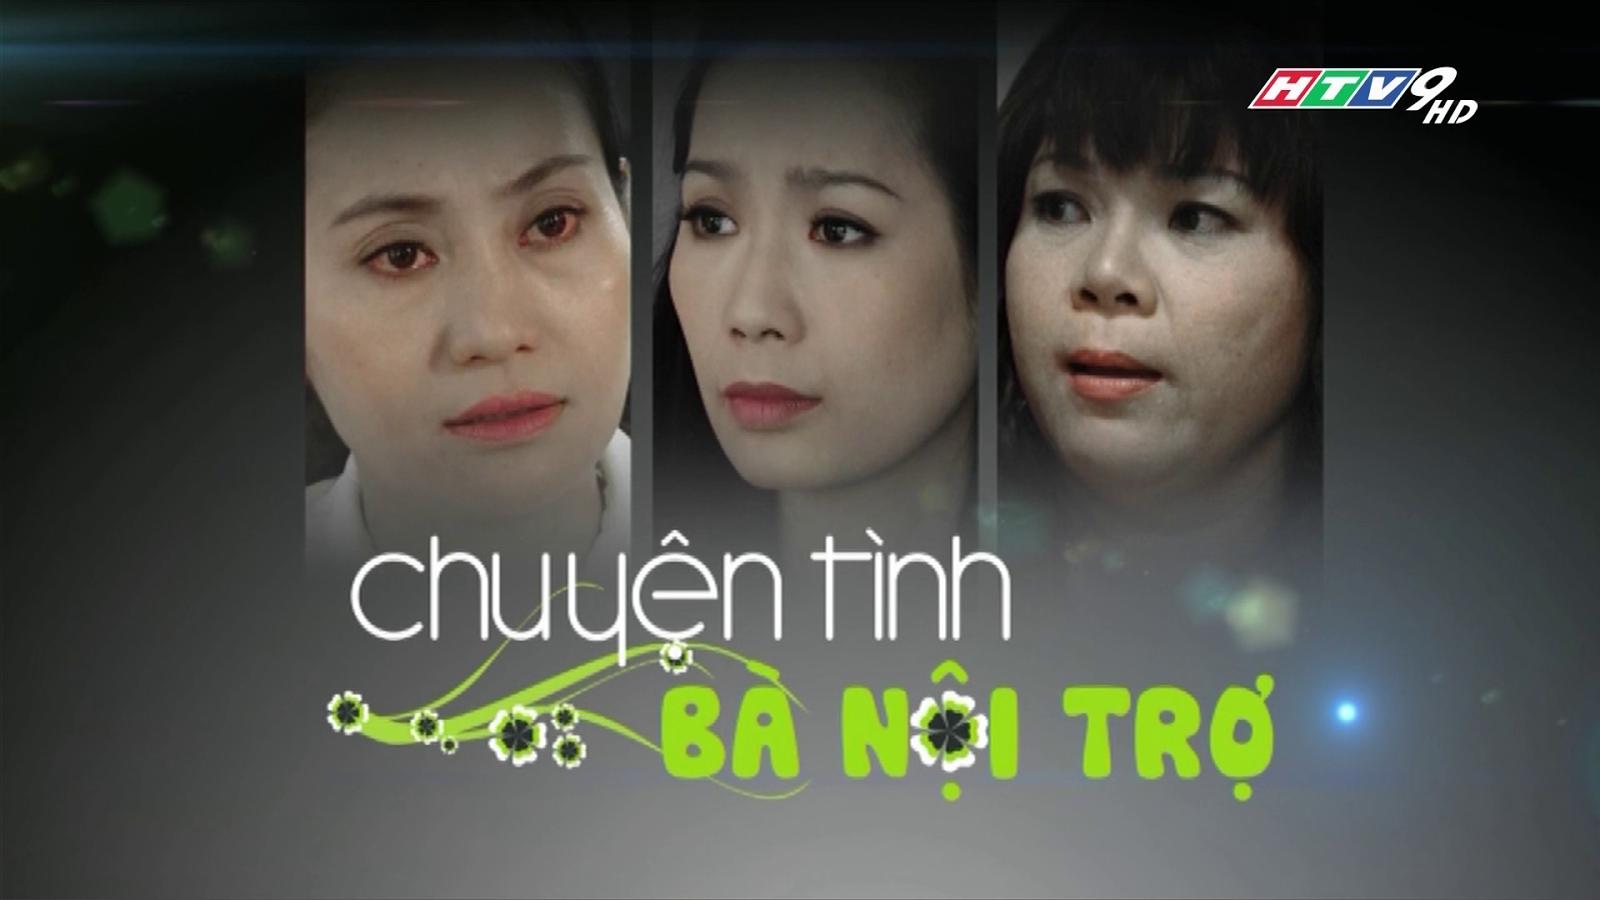 Chuyện Tình Bà Nội Trợ – Huy Khánh PhimVN 2015 33/33 TẬP